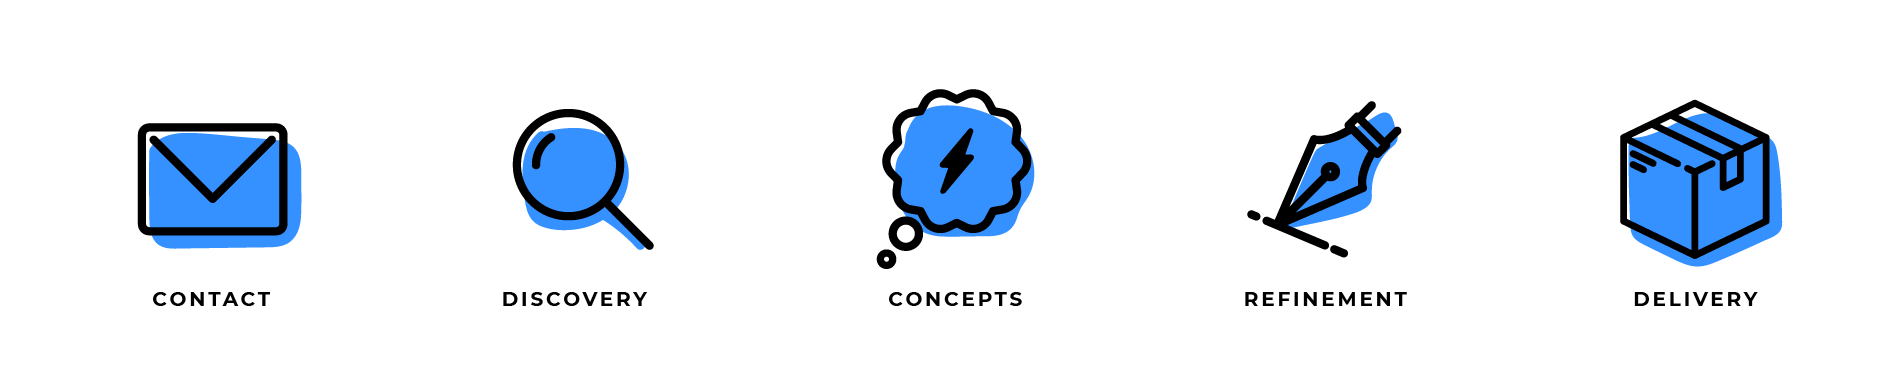 Oakfold branding design process